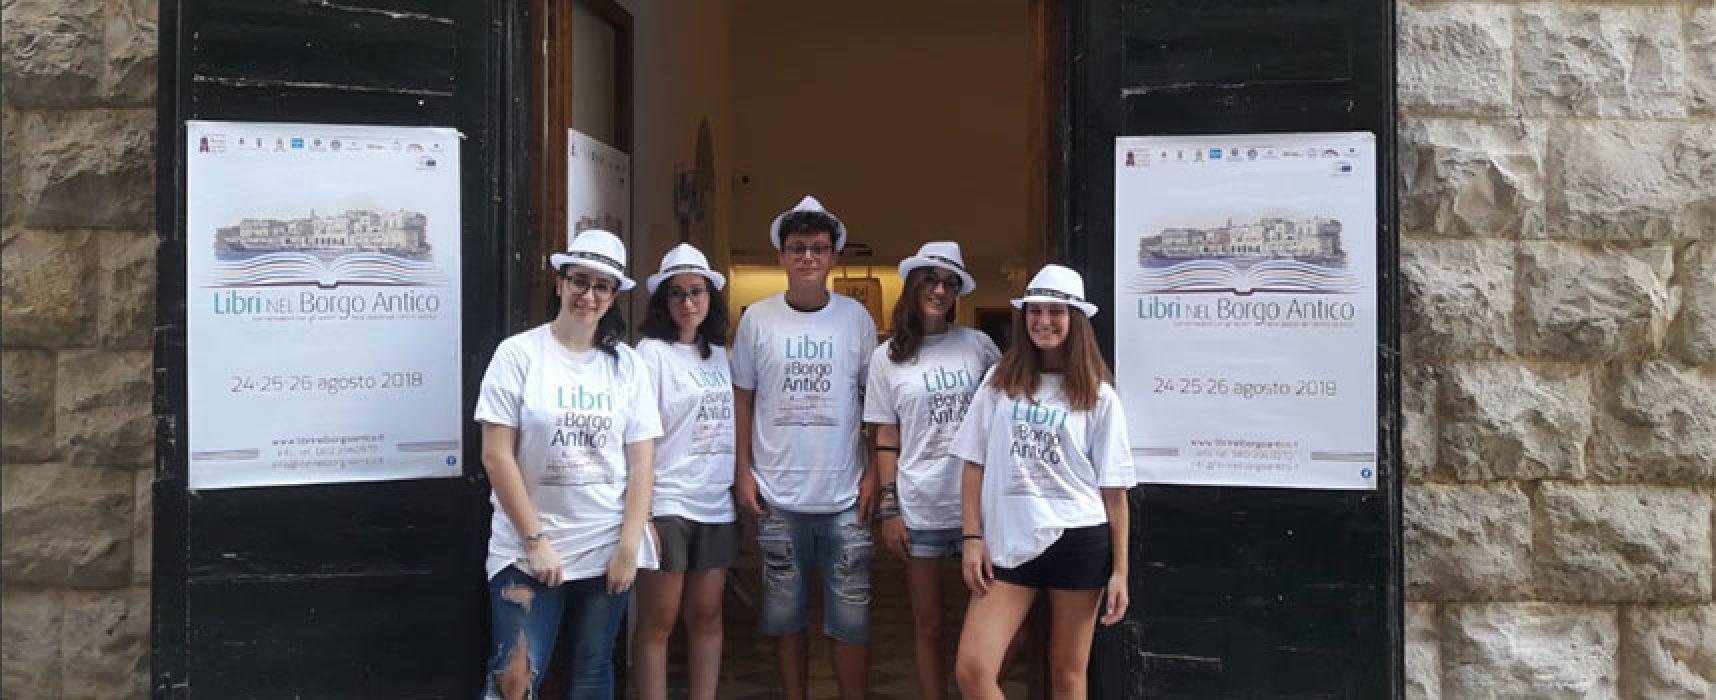 """""""Libri nel Borgo Antico"""", al via i preparativi per l'undicesima edizione / VOLONTARI e DATE"""